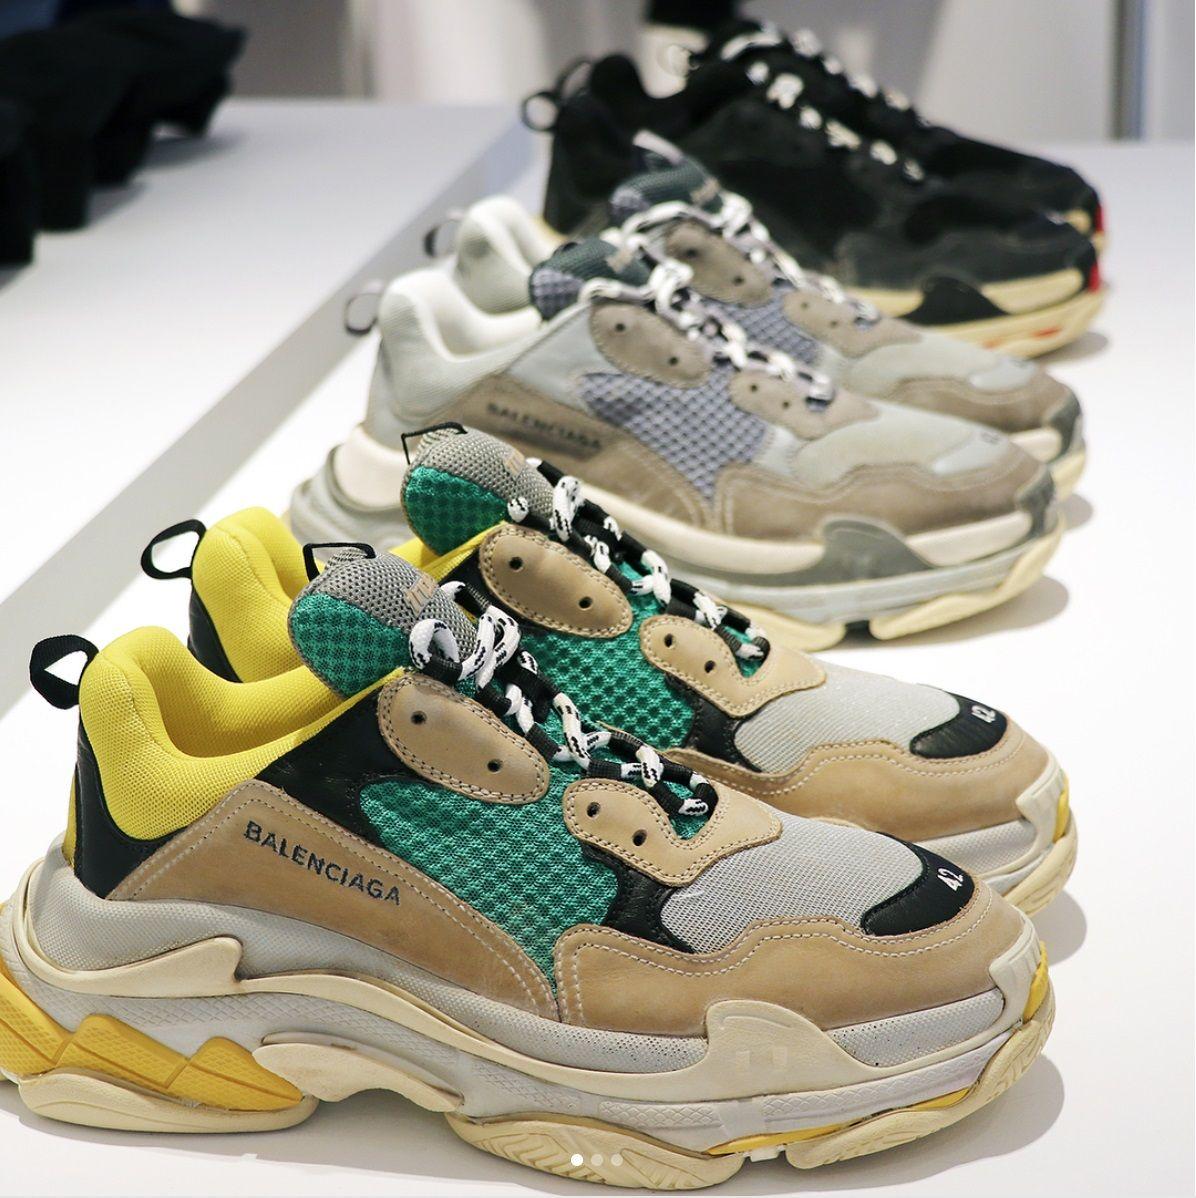 Moda sneakers, Sapatos balenciaga